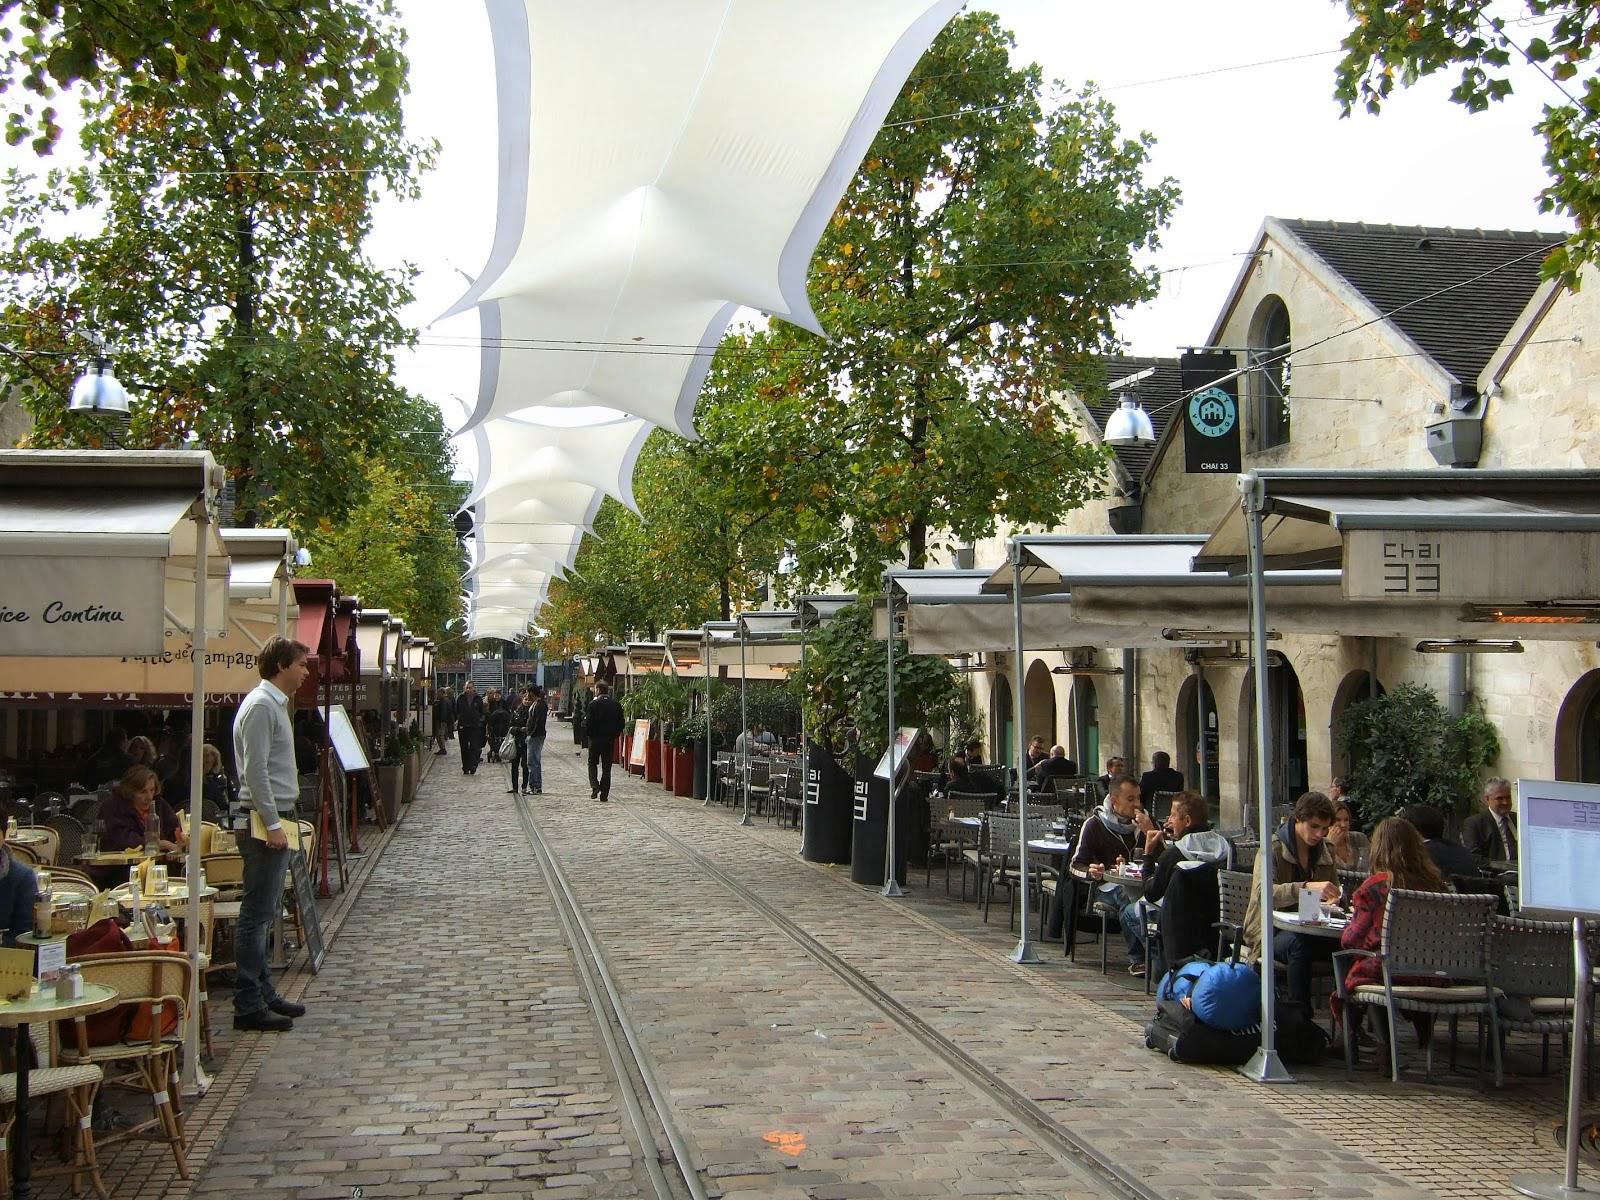 Restaurant Cour Saint Emilion